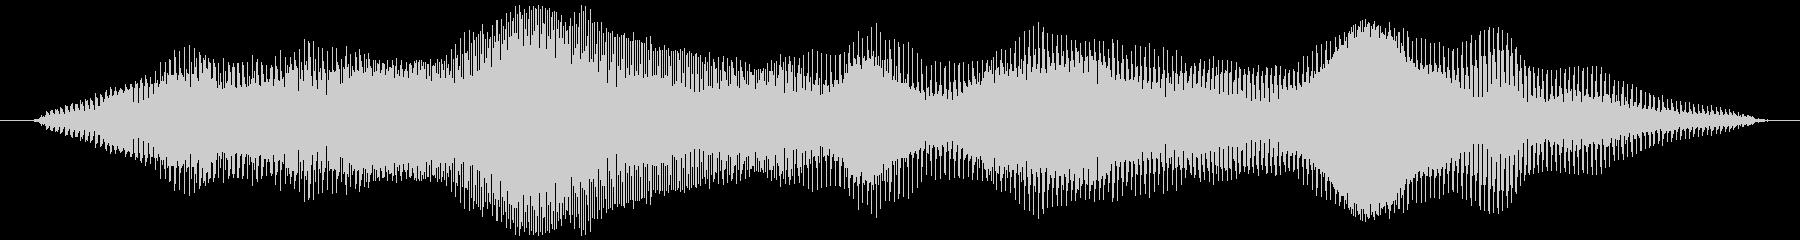 グラビティチューブ(下降、長め)ミョーンの未再生の波形